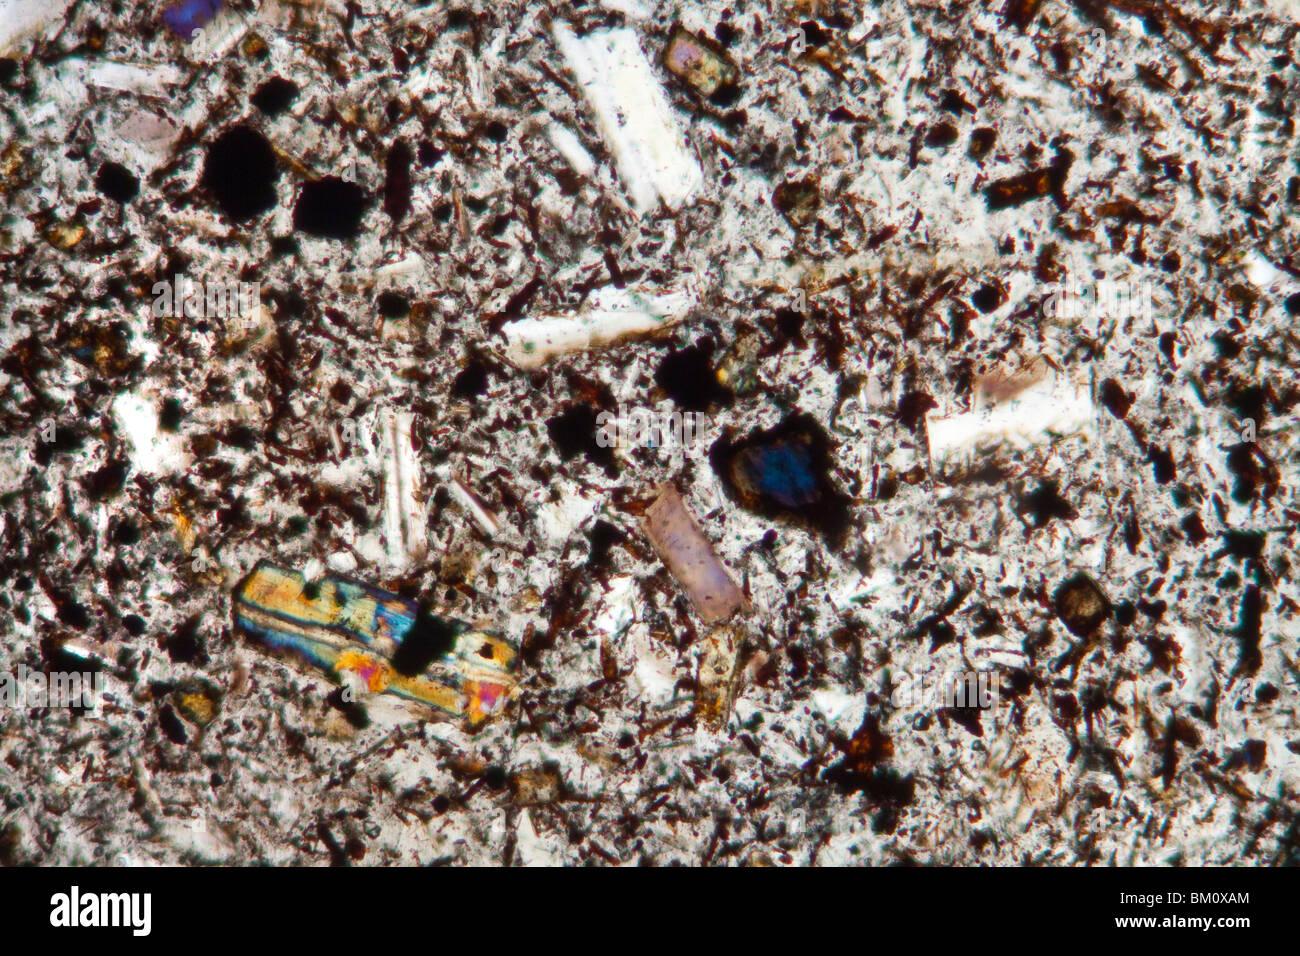 Mikrophotographie Andesit von Montserrat, der Vulkan Soufriere. Stockbild